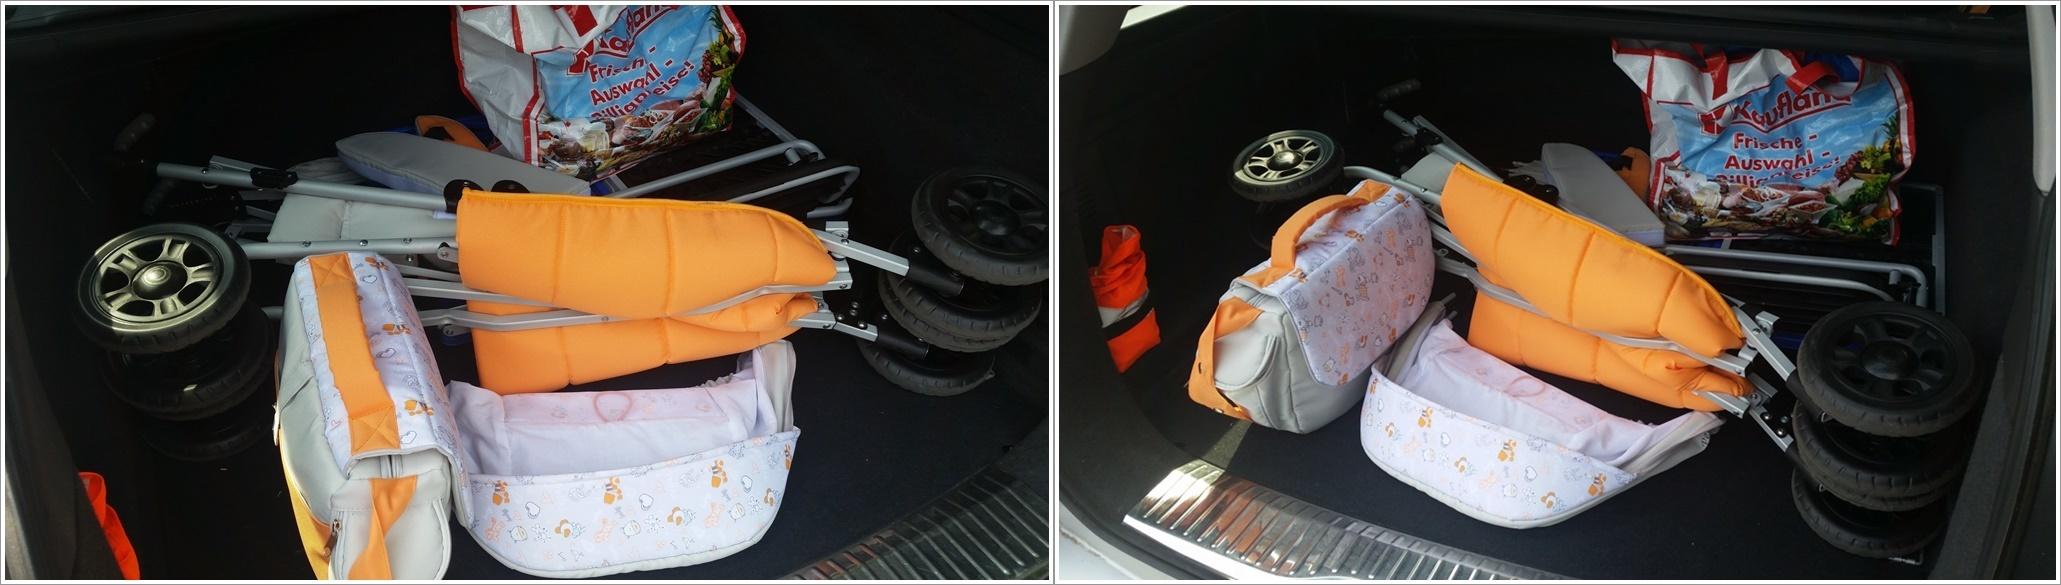 Rehabuggy Pegaz von Thomashilfen zusammengeklappt im Kofferraum - ein Kombi ist Pflicht